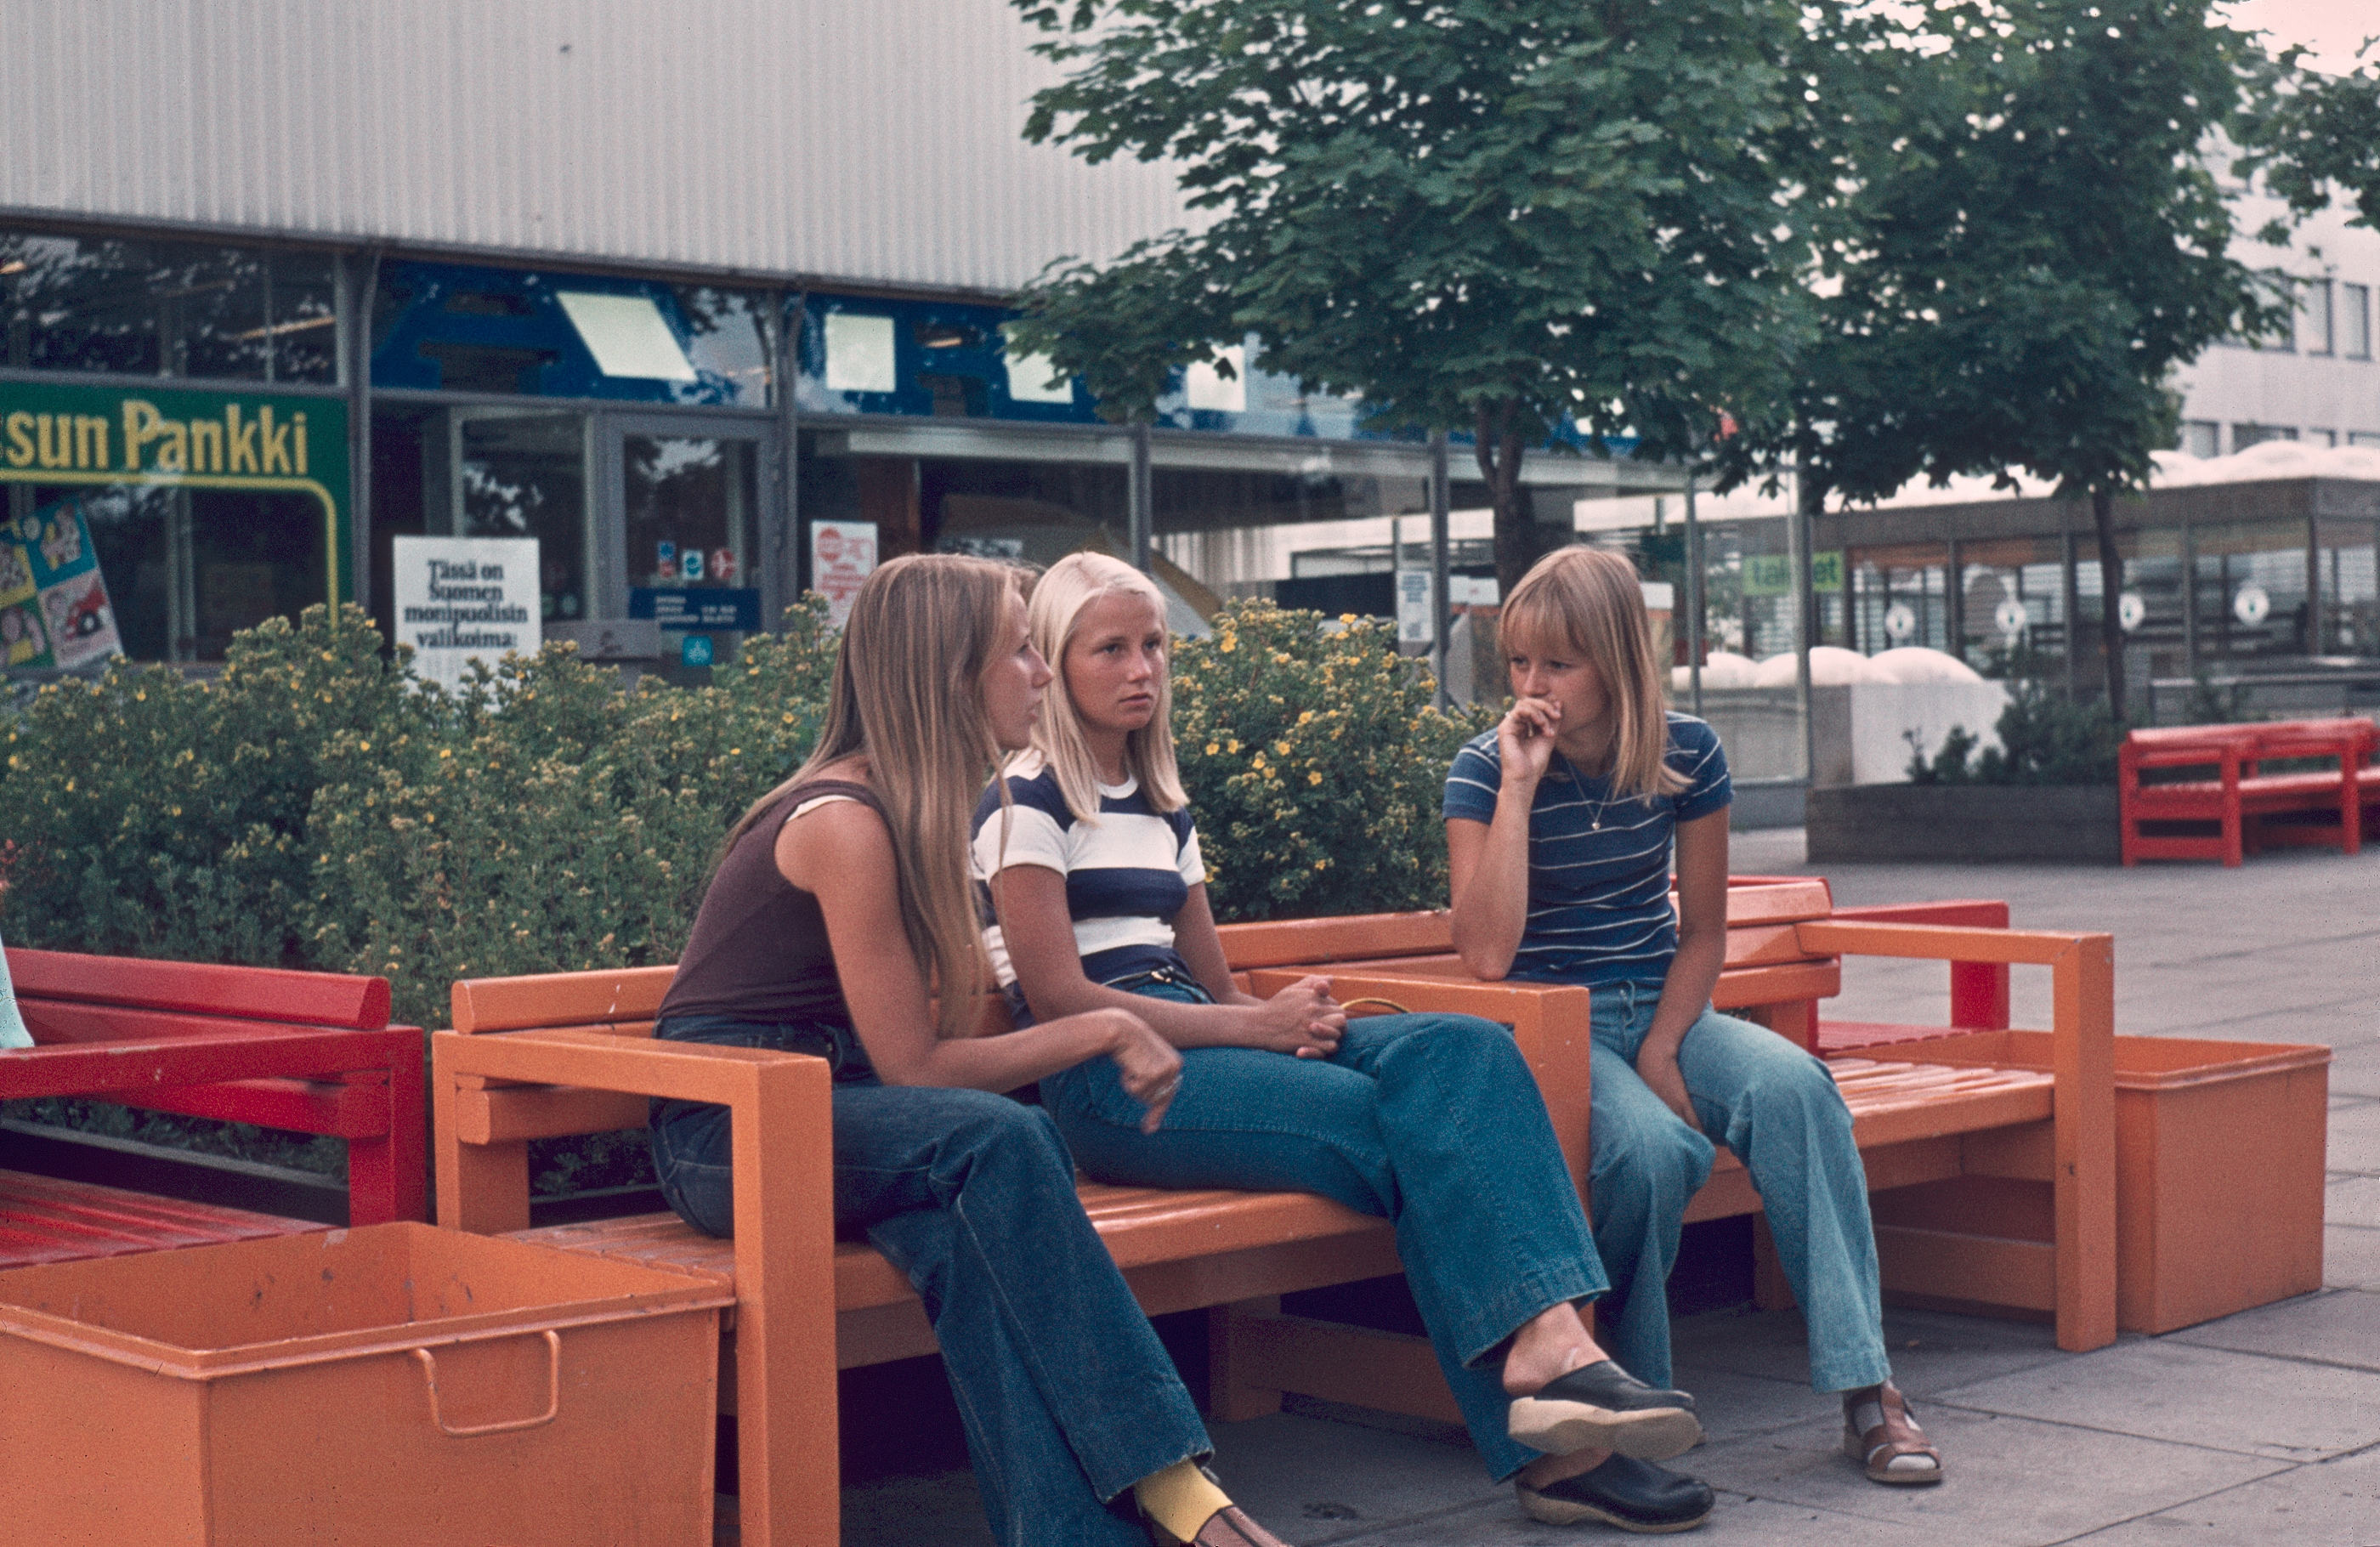 Drei auf Bank in Einkaufszone in Finnland, 1975